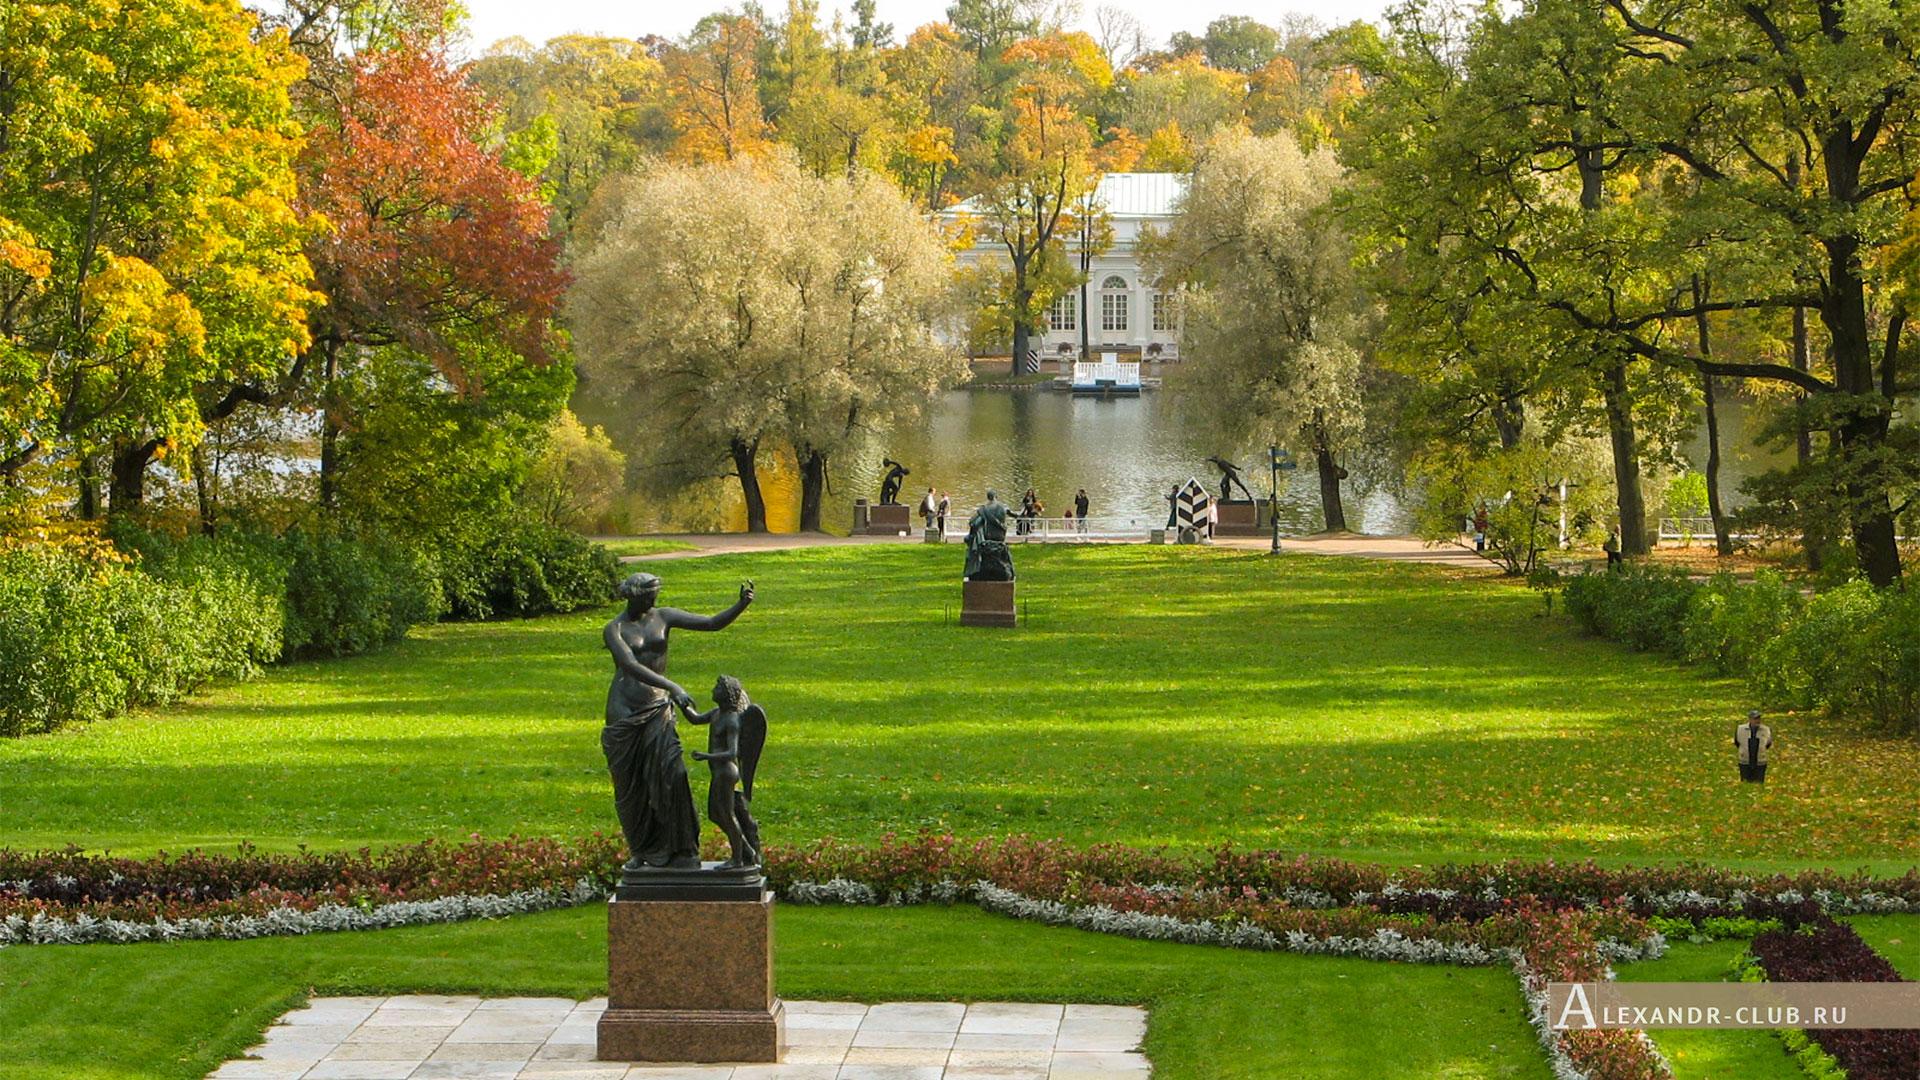 Царское Село, осень, Екатерининский парк, вид с Гранитной террасы